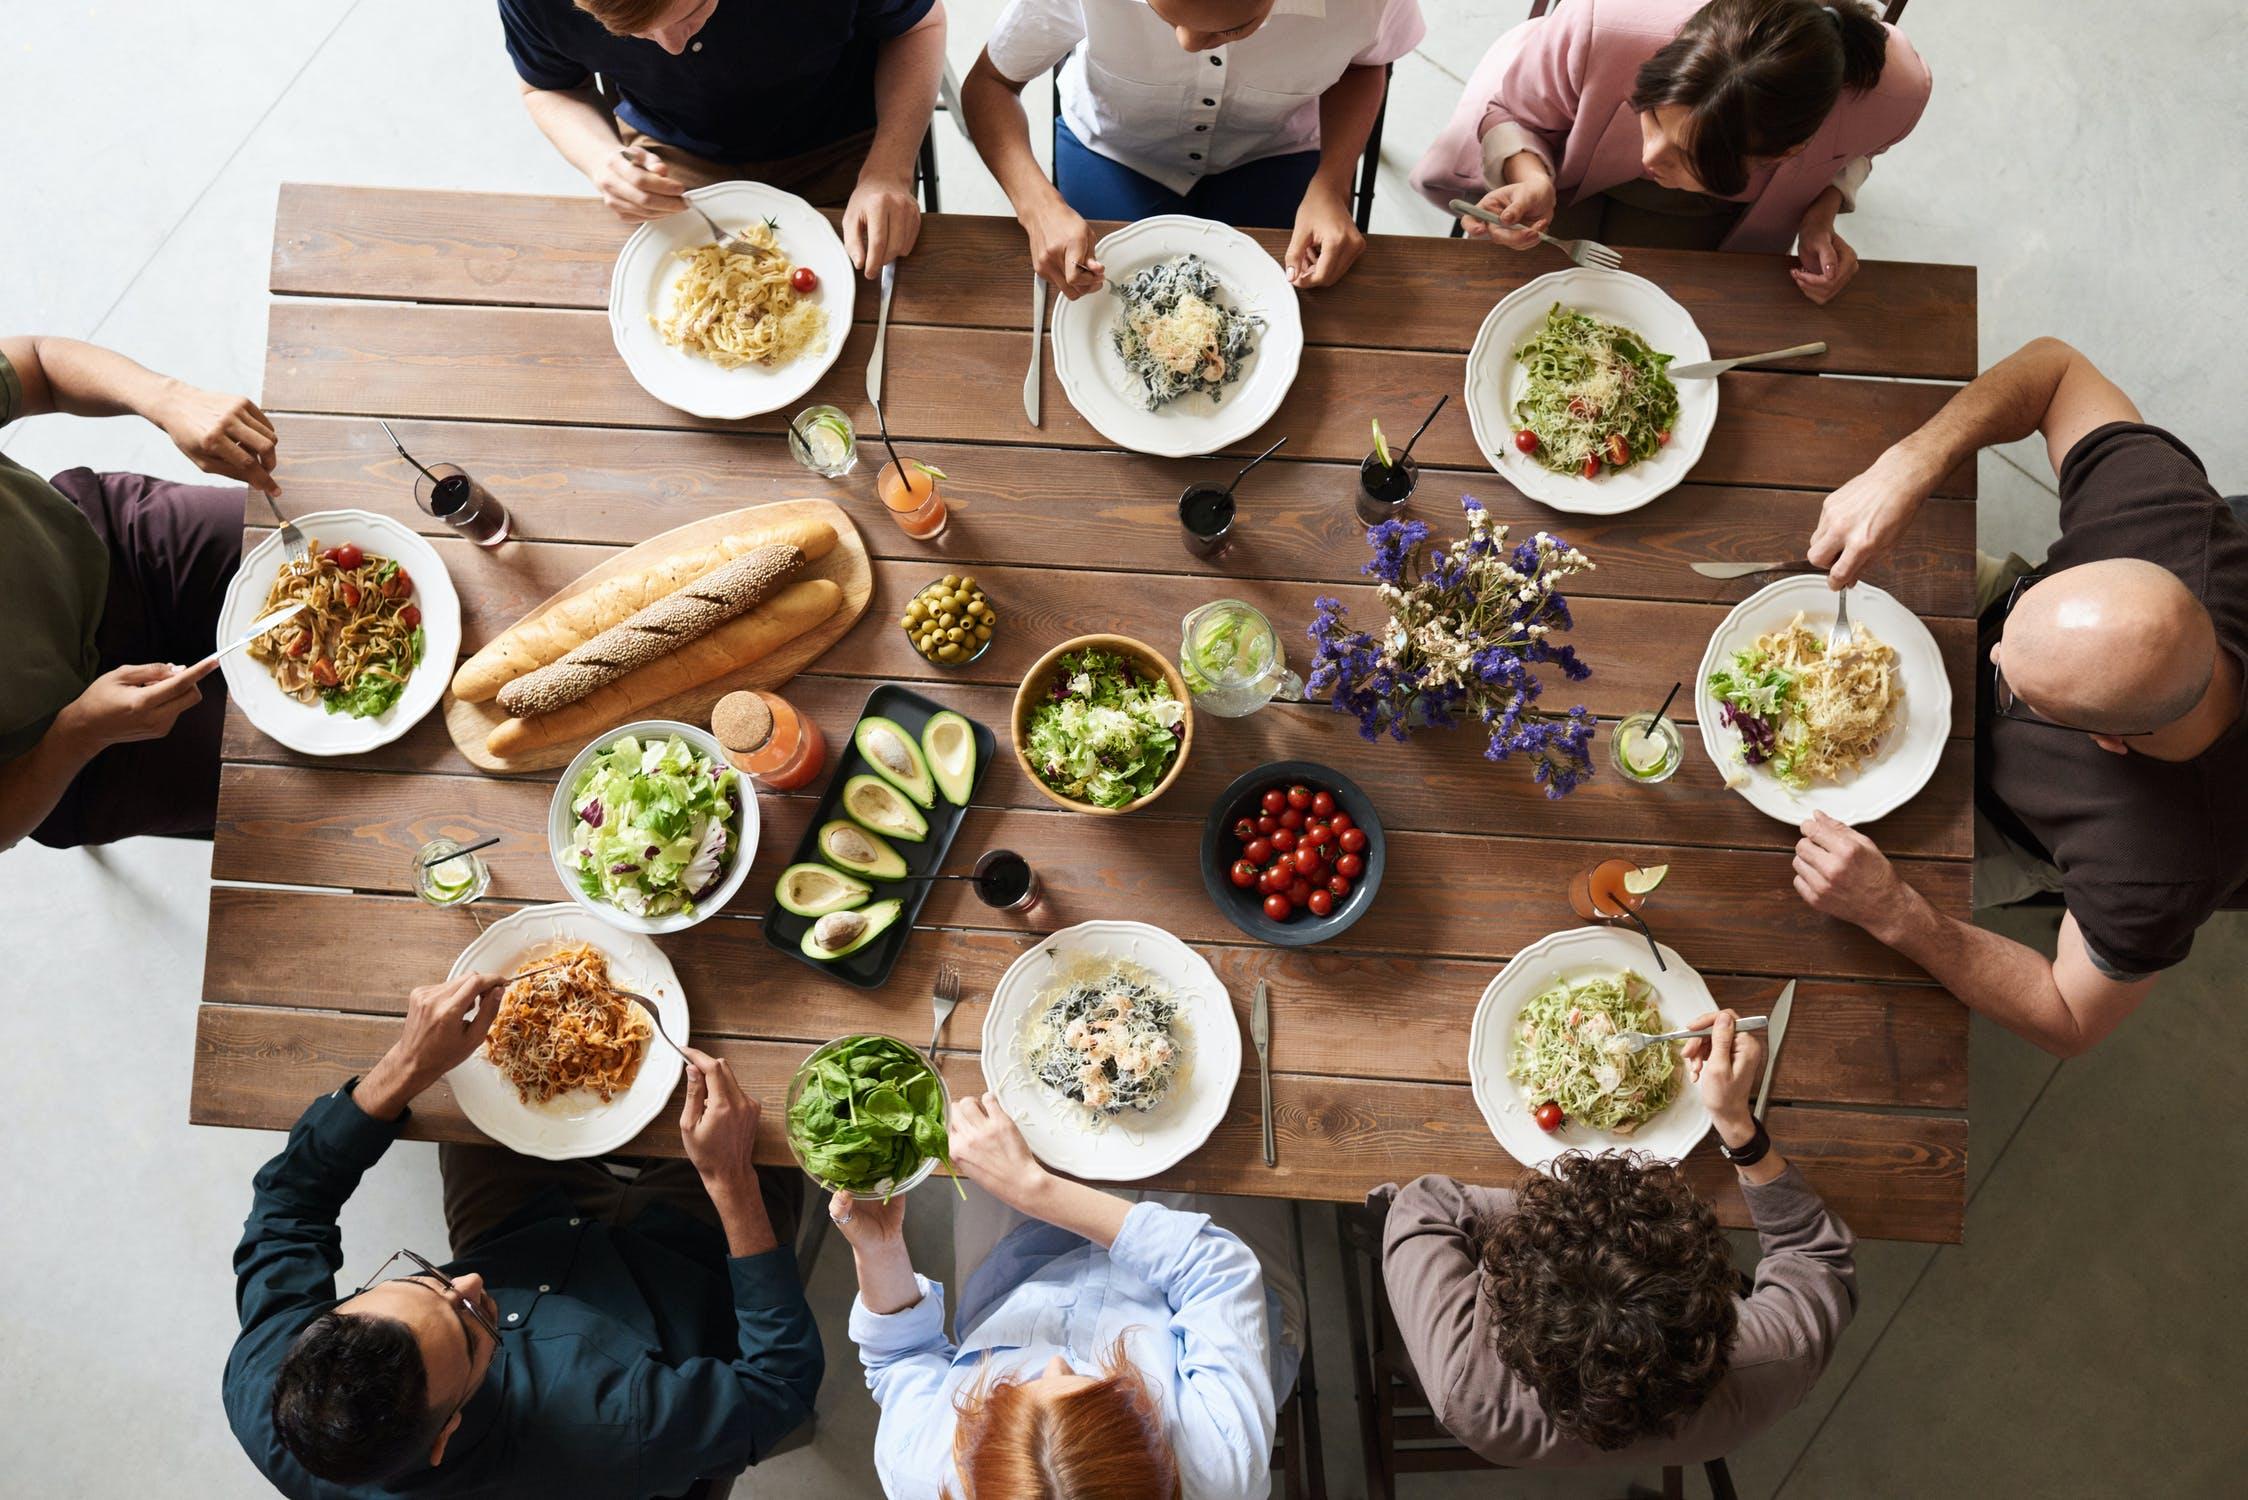 Το φαγητό είναι κάτι περισσότερο από διατροφή